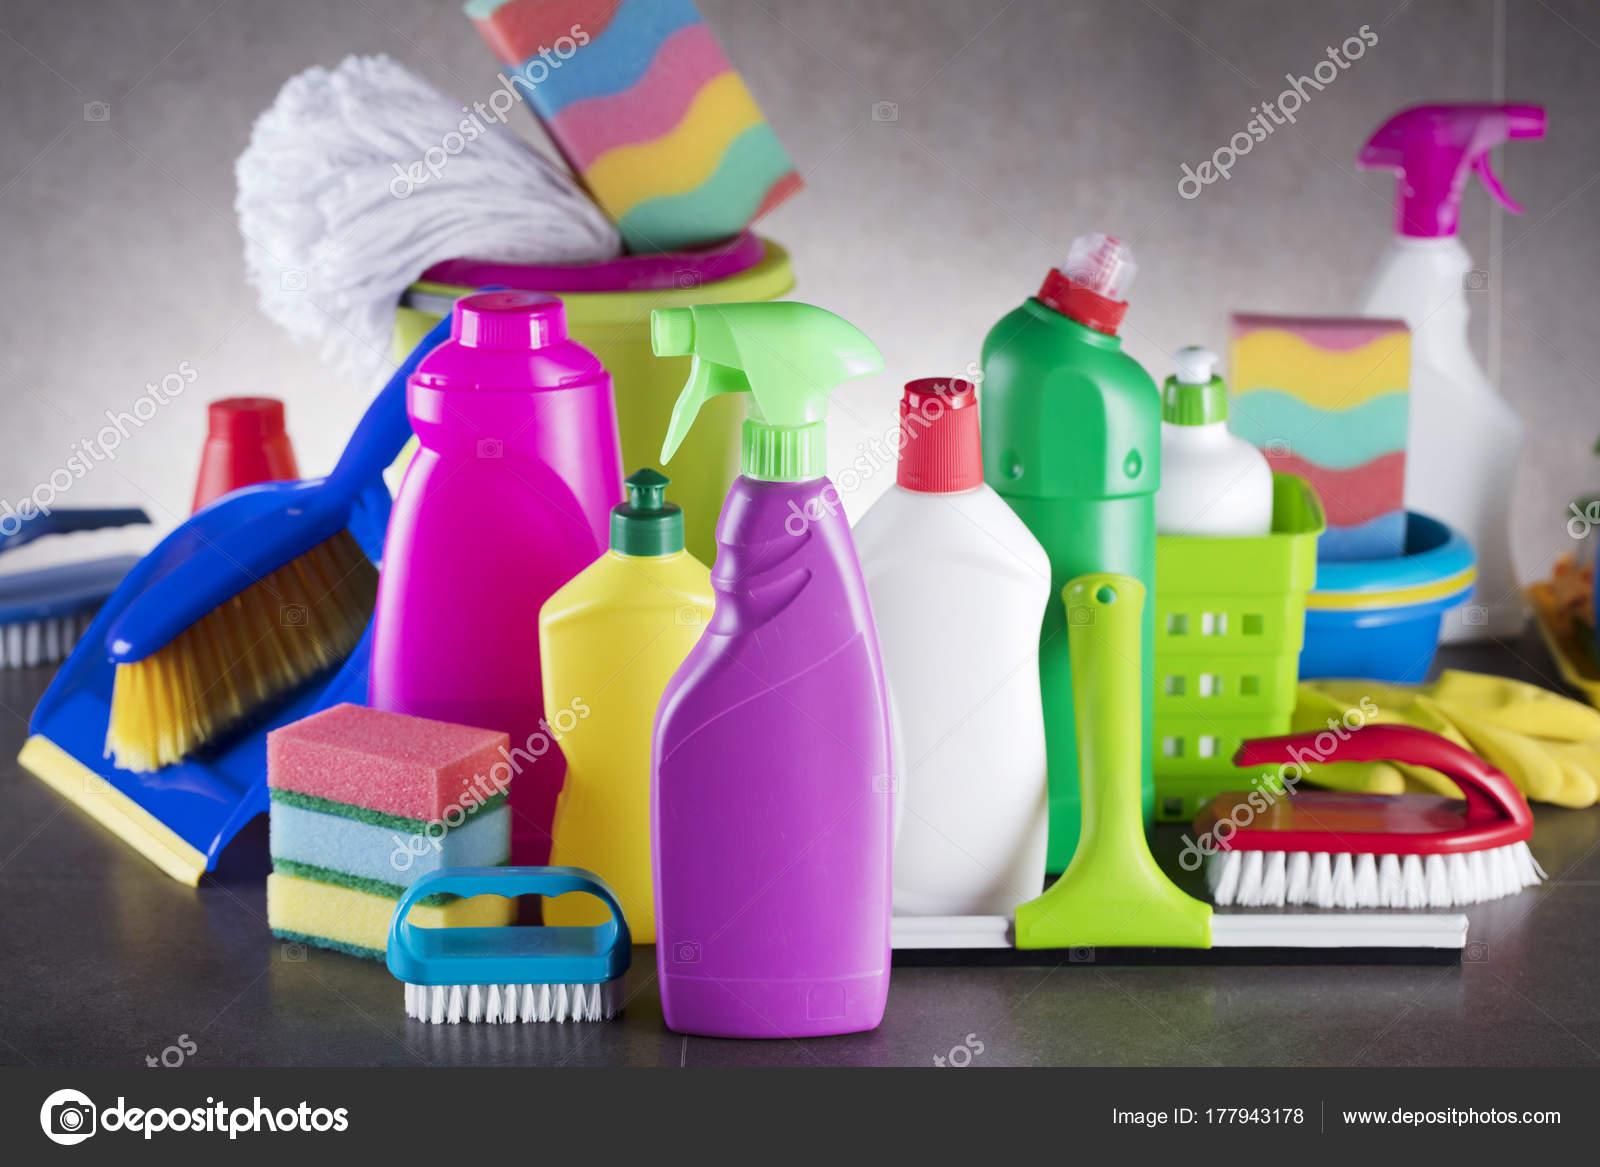 Fotos productos de limpieza colorido conjunto casa - Imagenes de limpieza de casas ...